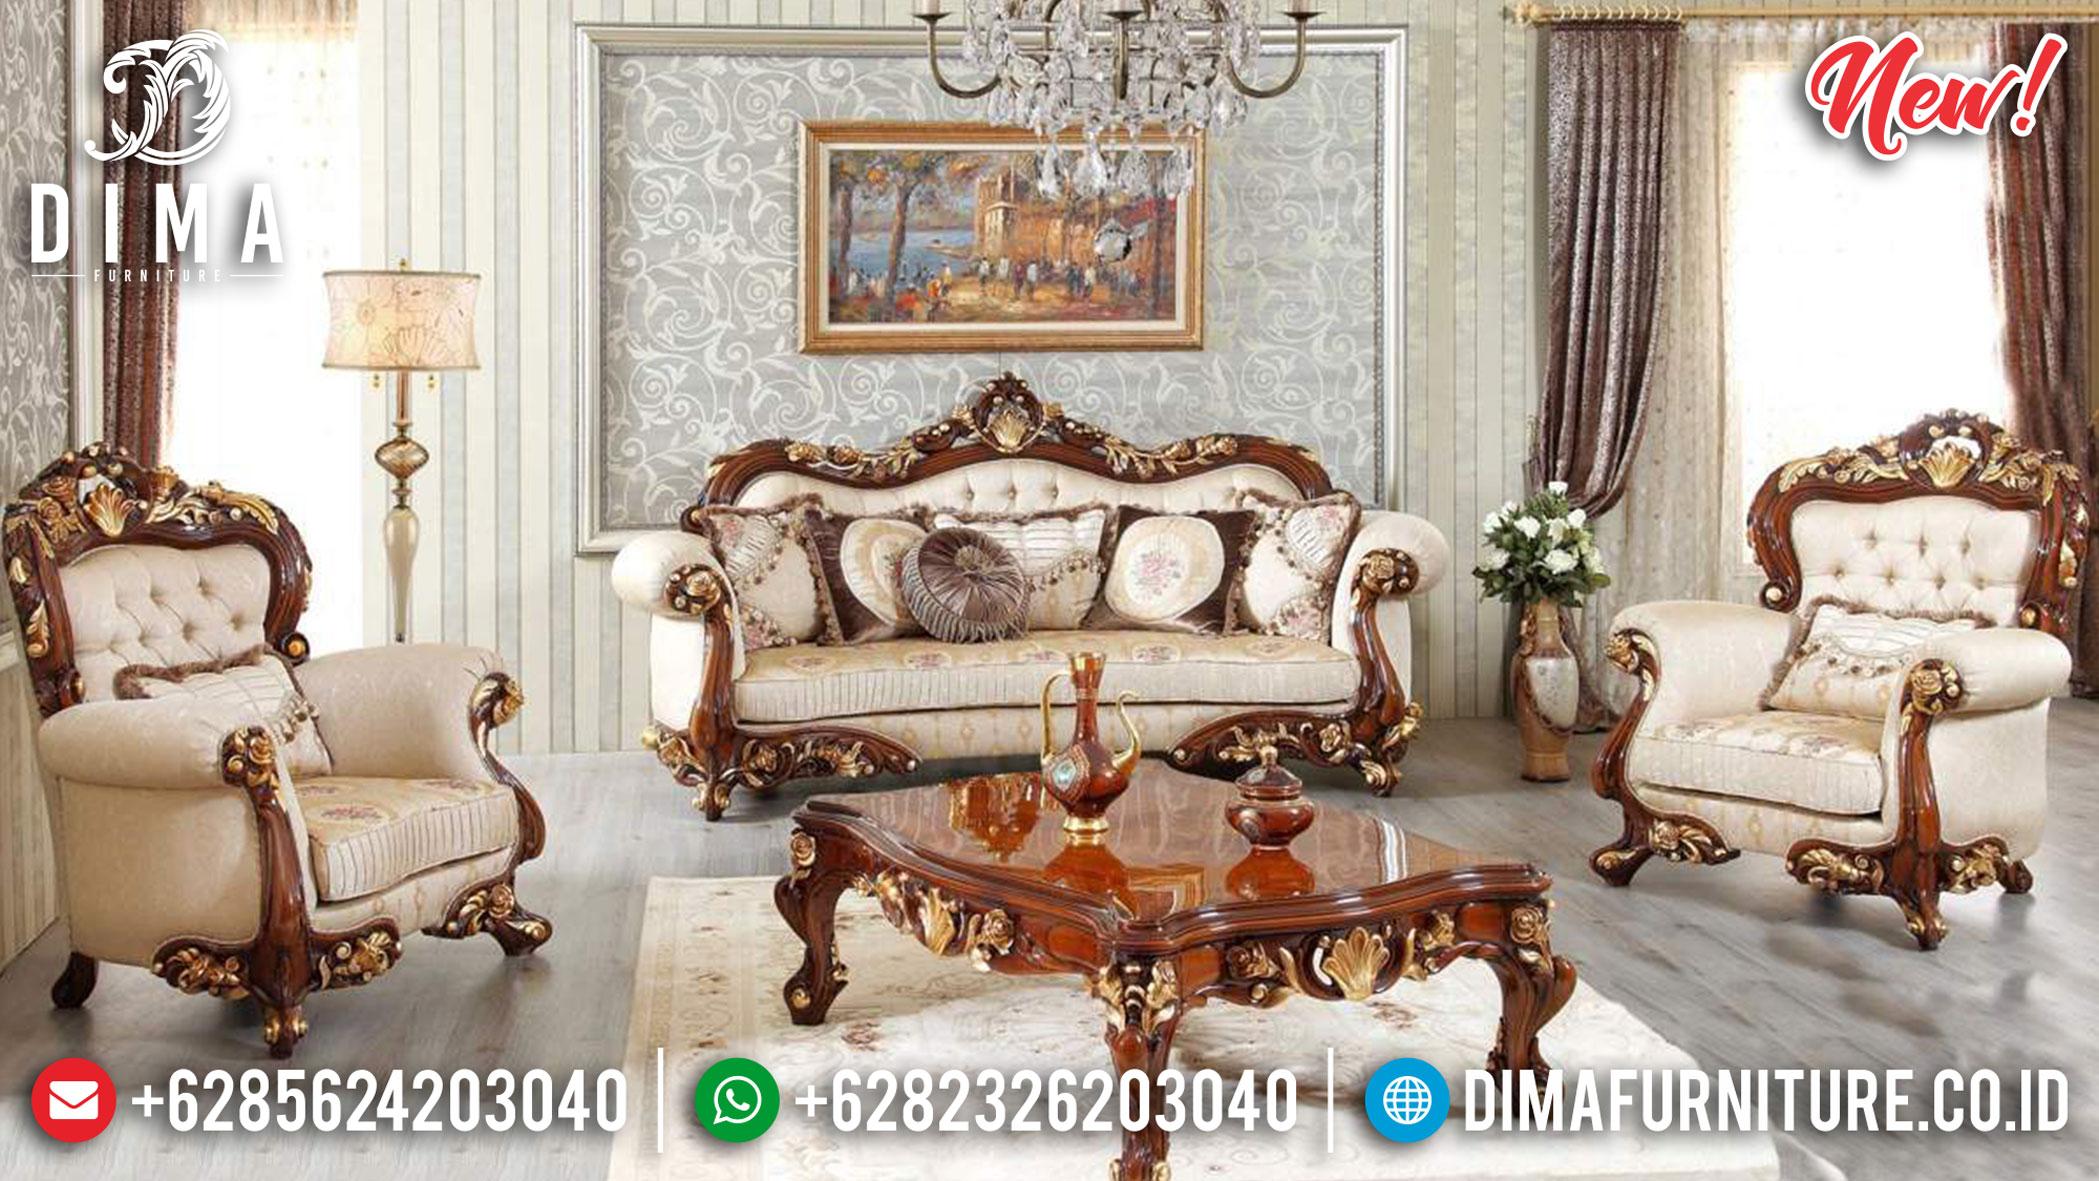 Buy Now Sofa Tamu Mewah Ukir Jepara Luxury Natural Jati Classic ST-0982